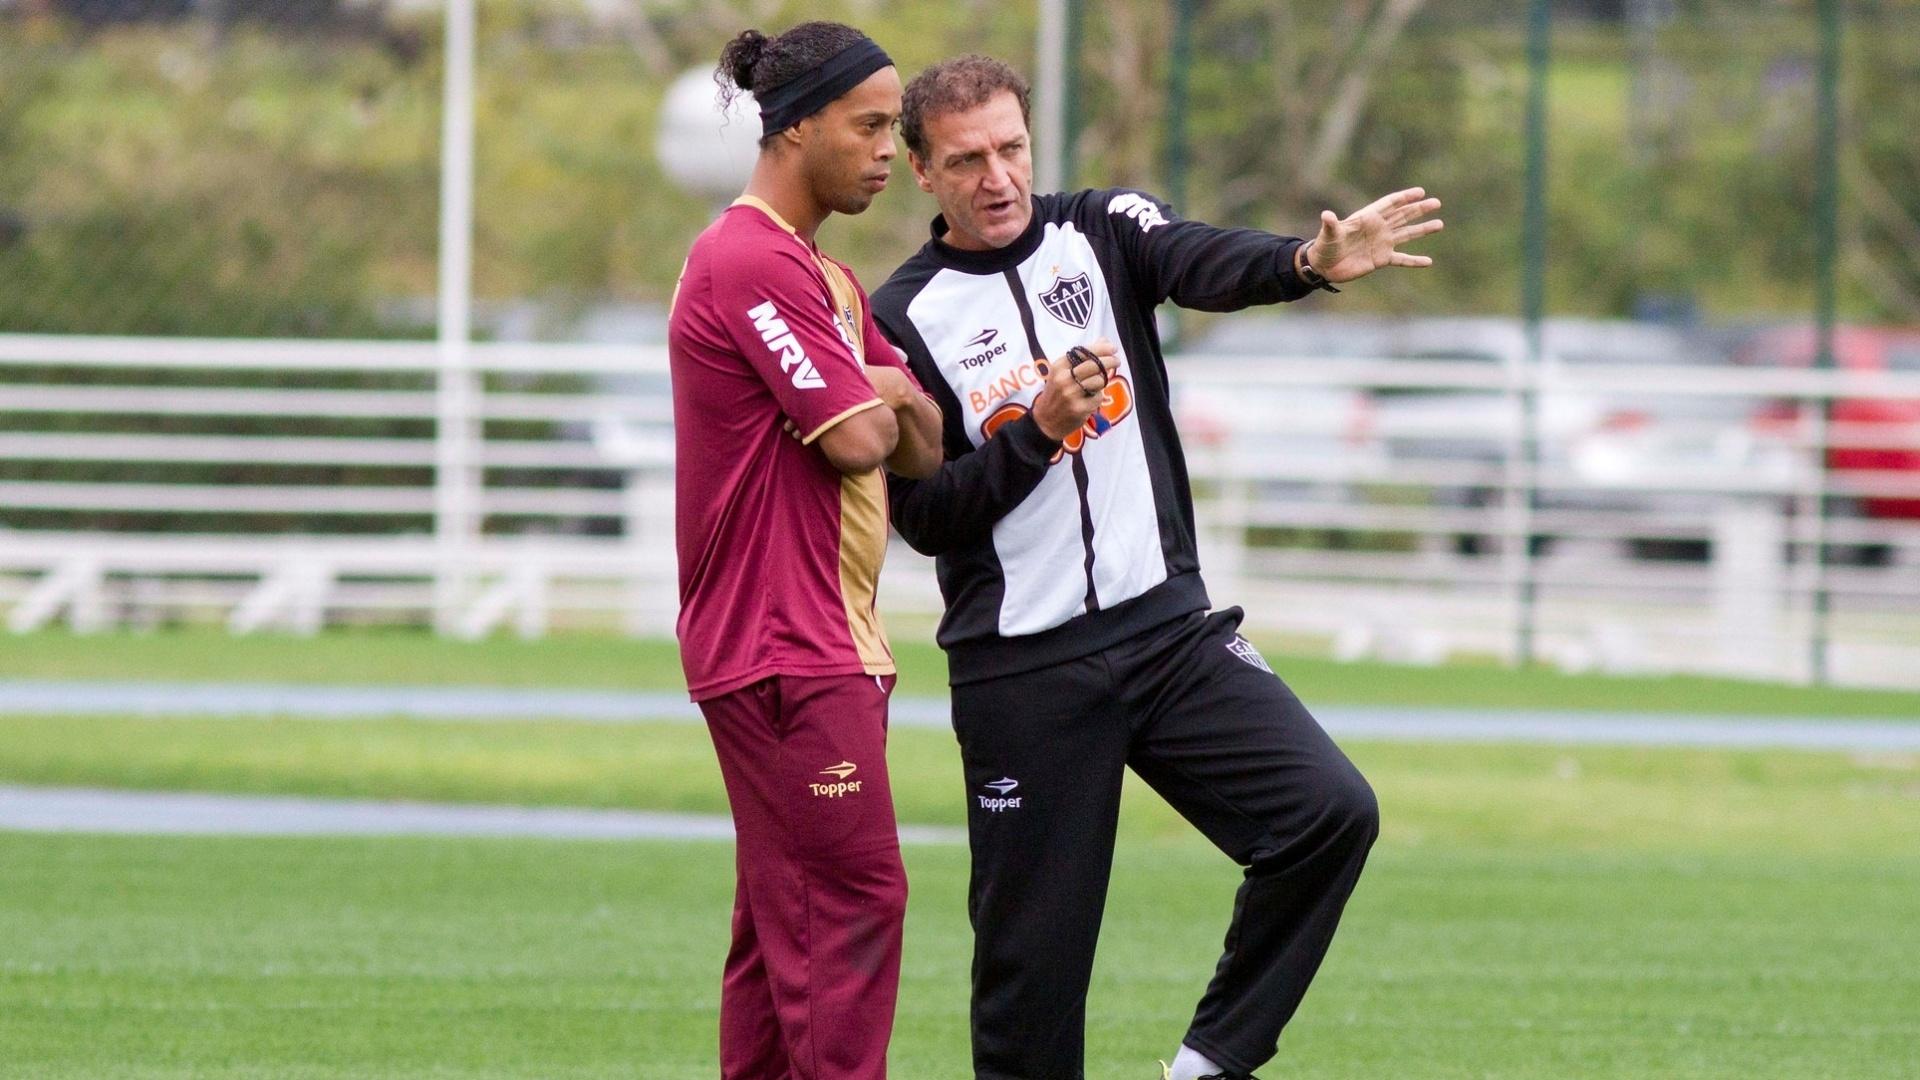 Técnico Cuca dá instruções a Ronaldinho Gaúcho durante treino do Atlético-MG no centro esportivo da PUCRS em em Porto Alegre